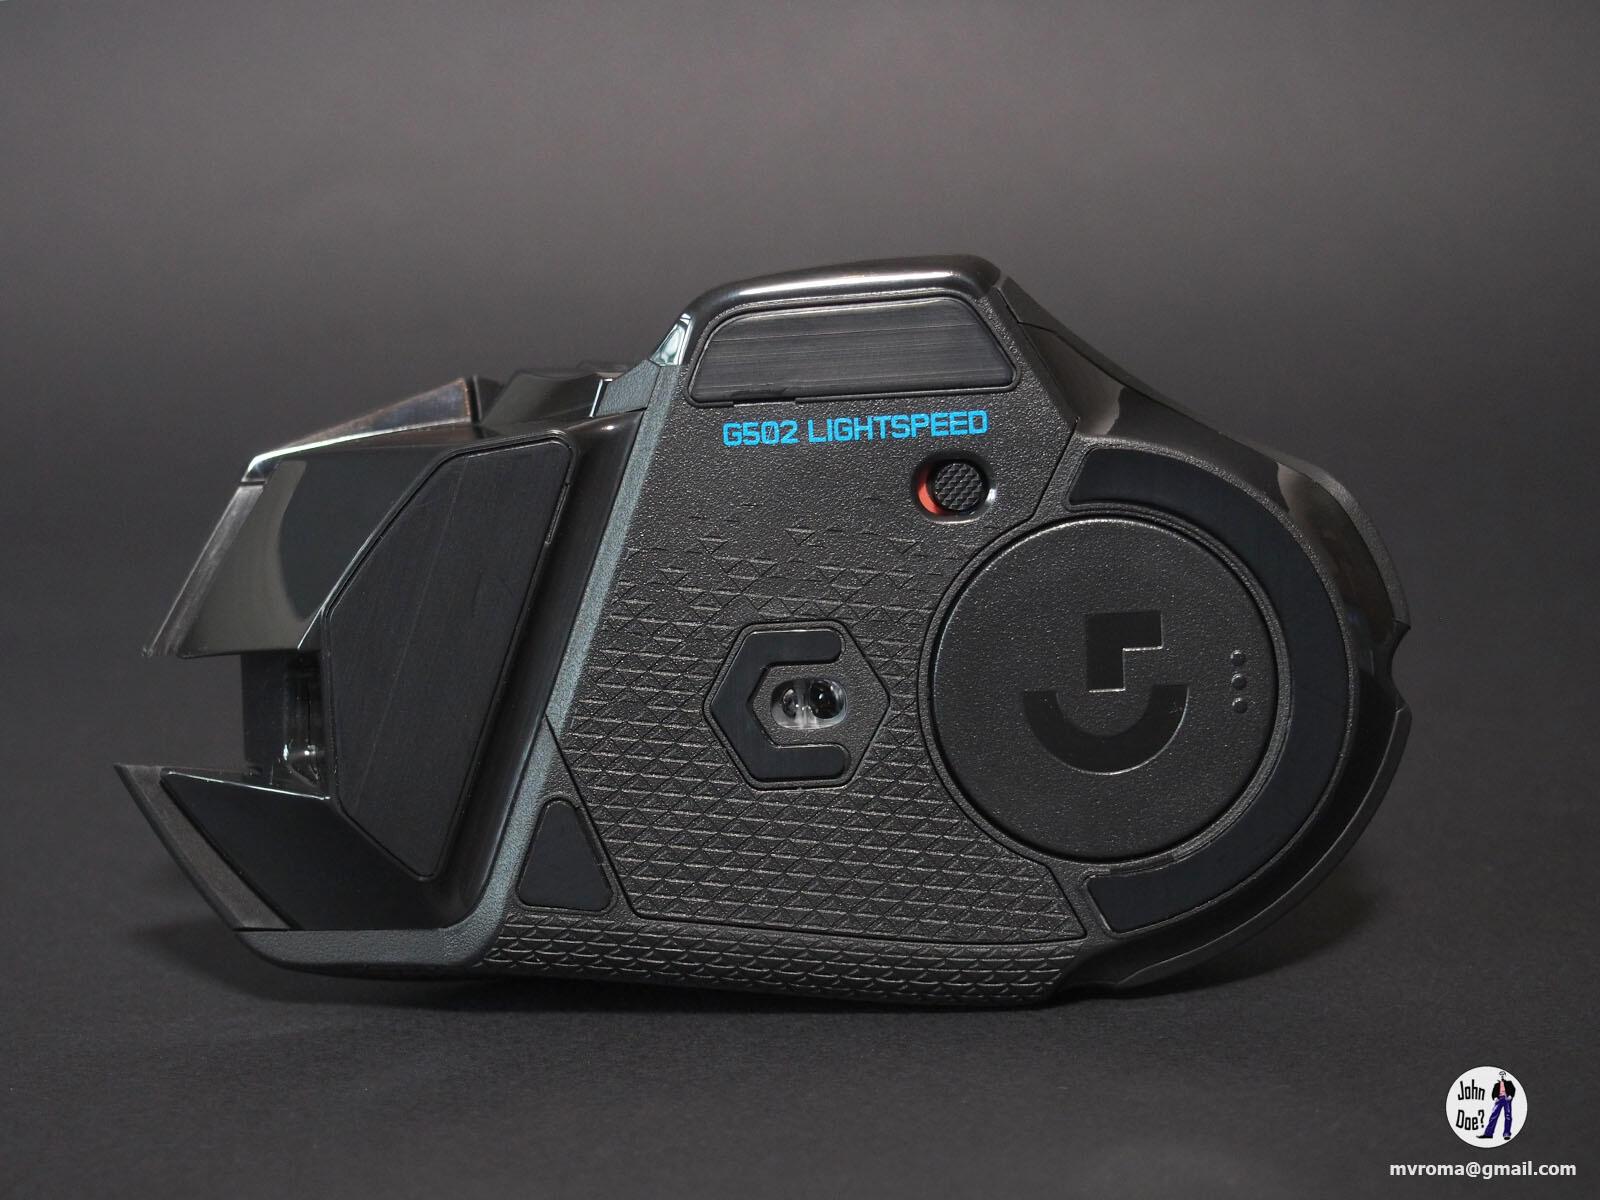 Periferiya - Obzor Logitech G502 Lightspeed Wireless. Igrovoy besprovodnoy manipulyator, kakim on dolzhen byt